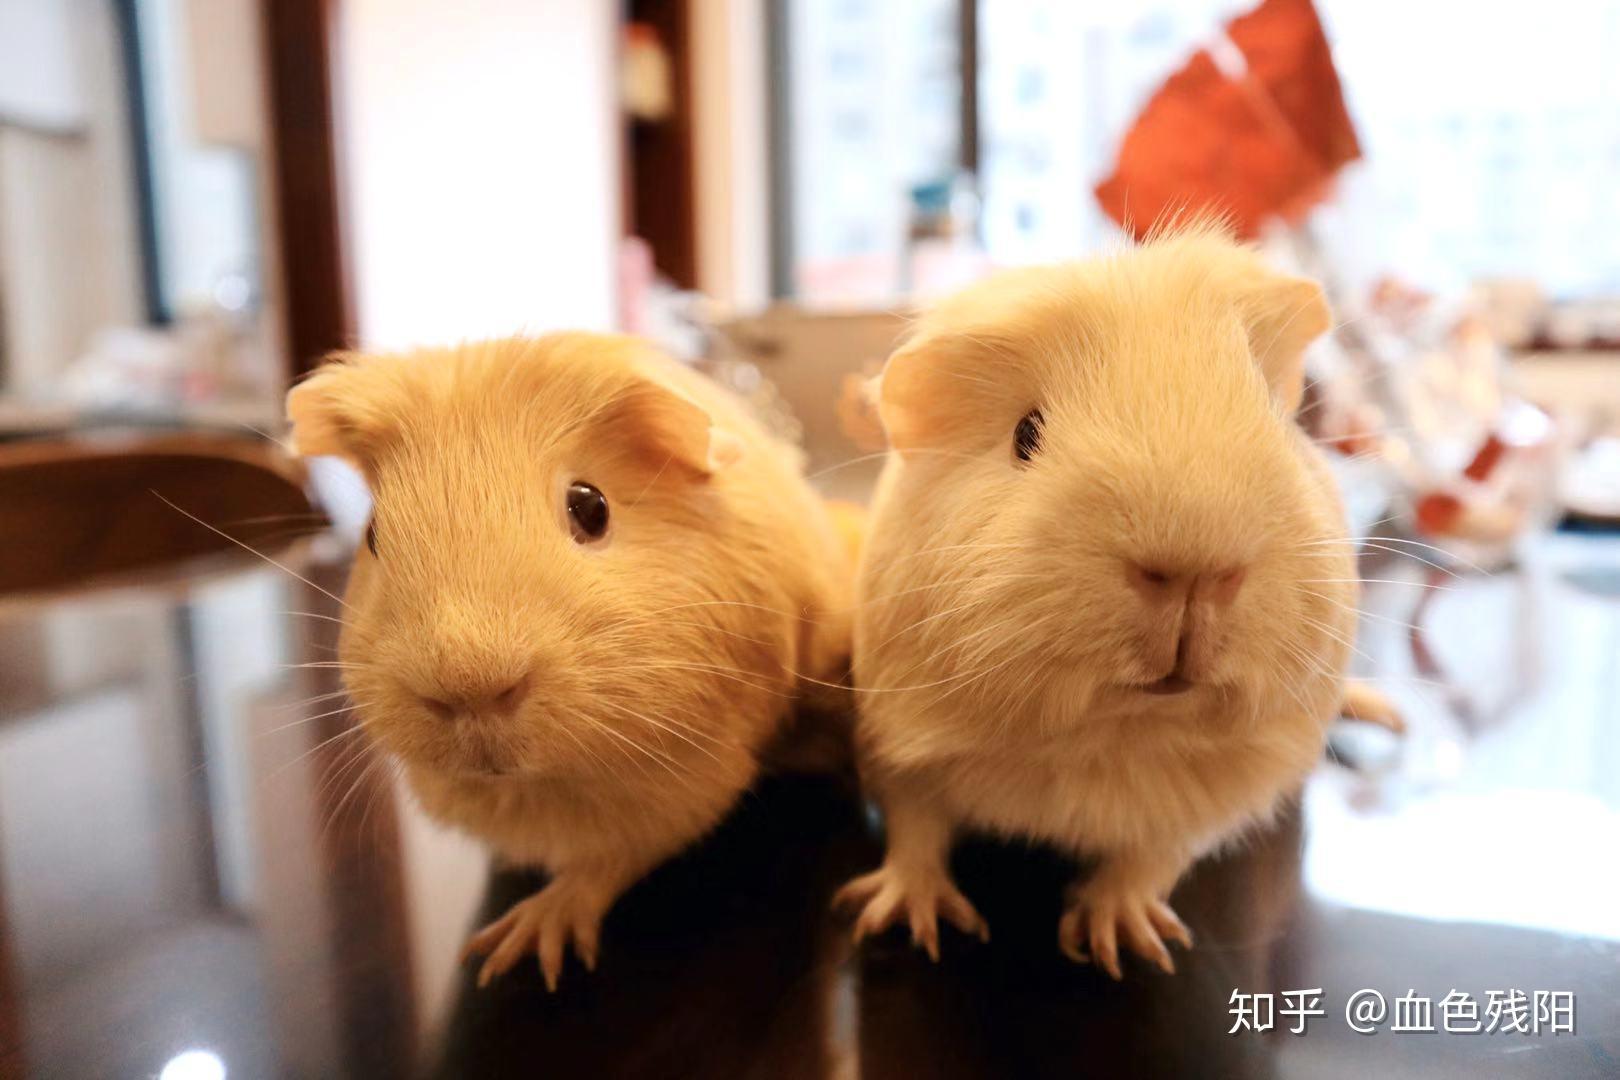 荷兰猪是老鼠吗 荷兰猪咬人用打疫苗吗